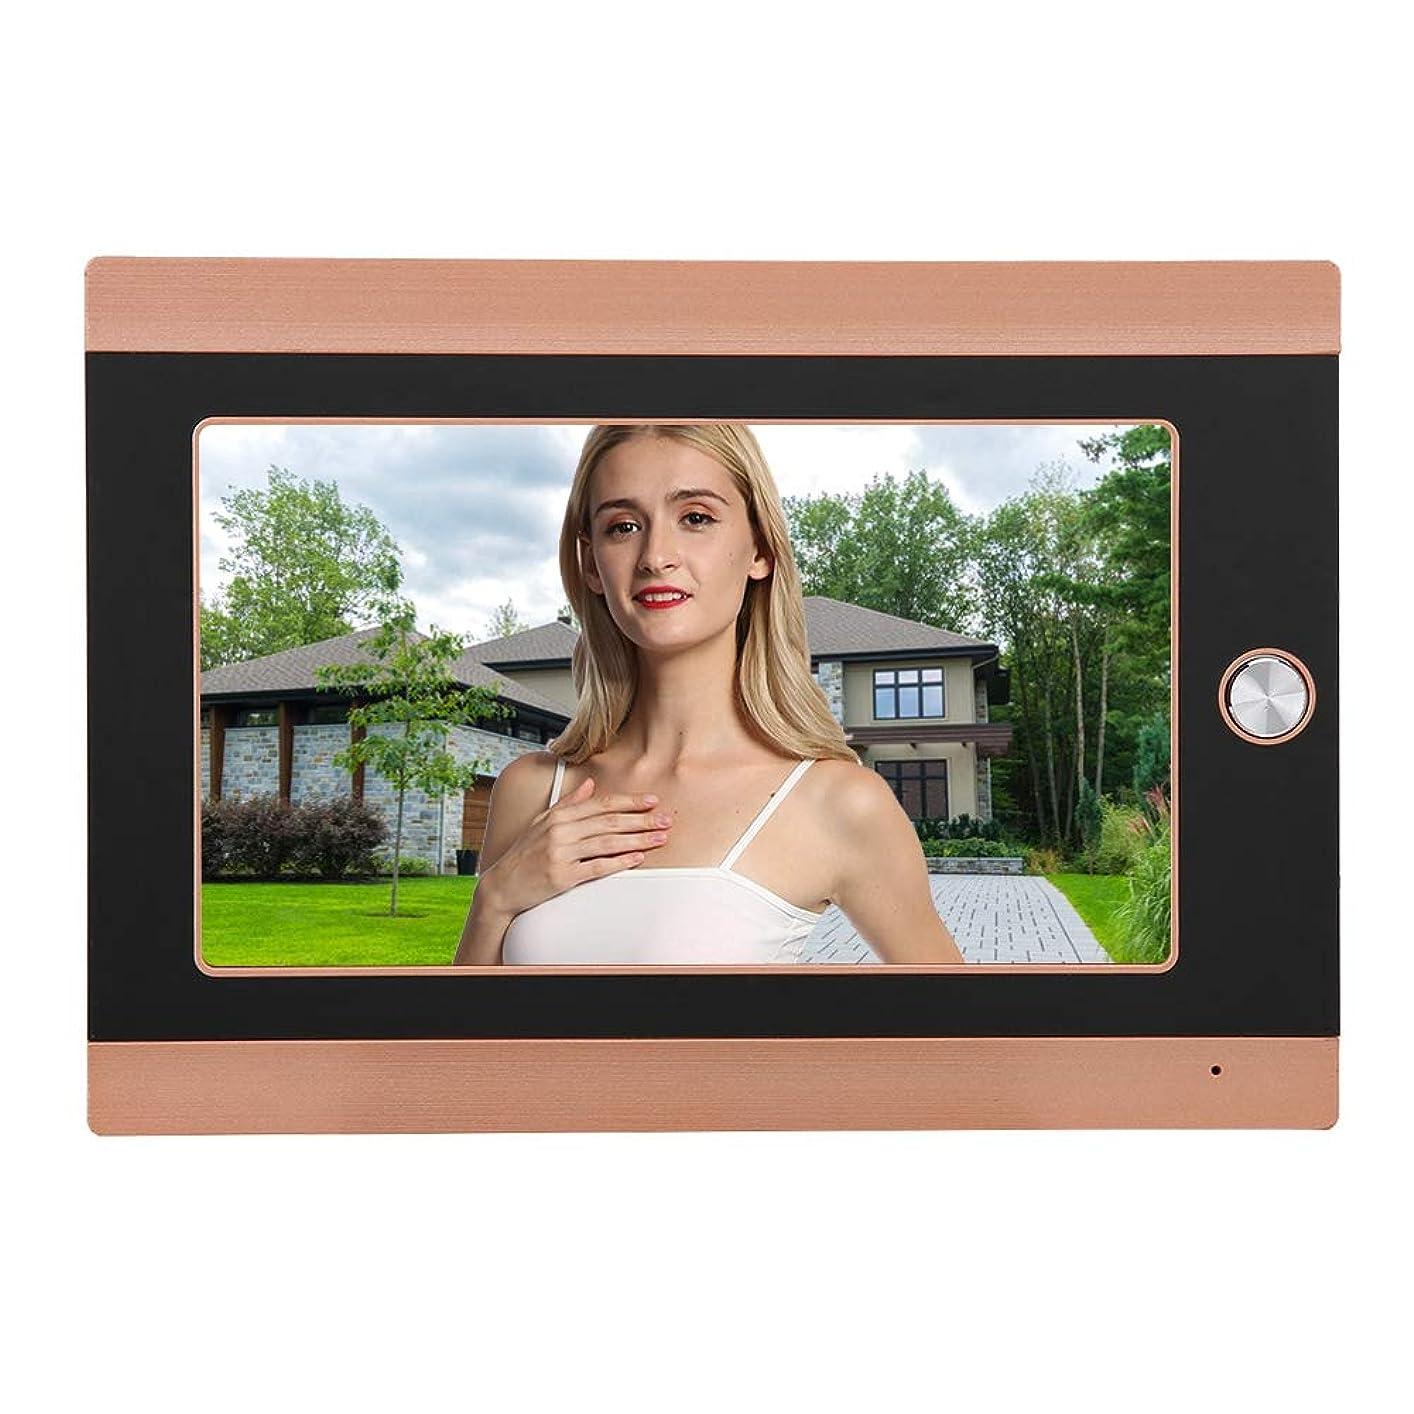 教え卒業記念アルバム試してみるWIFIワイヤレスドアビューアードアベル ASHATA7インチLCDスクリーン 720 P HD PIRカメラ 16チャイム インターホン チャイムセット 受信機 家庭用 ワイヤレスチャイム(ゴールド USプラグ)